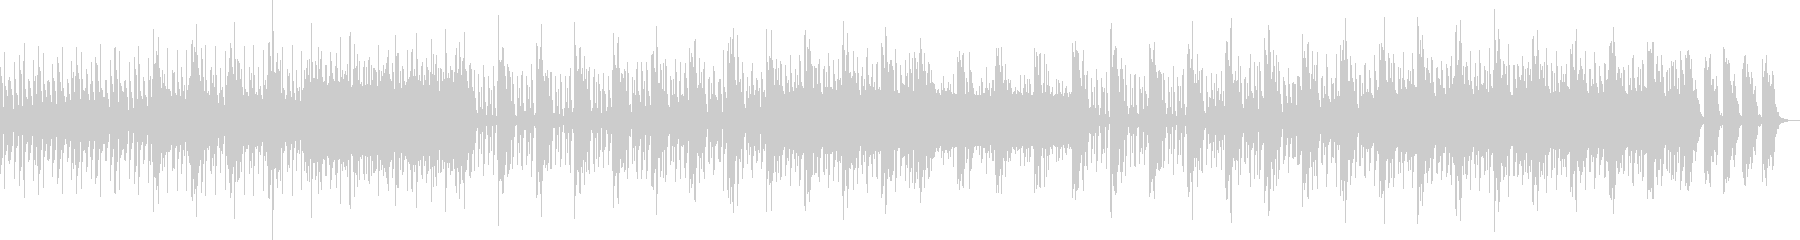 激しいドラムが印象的なテクノロックの未再生の波形